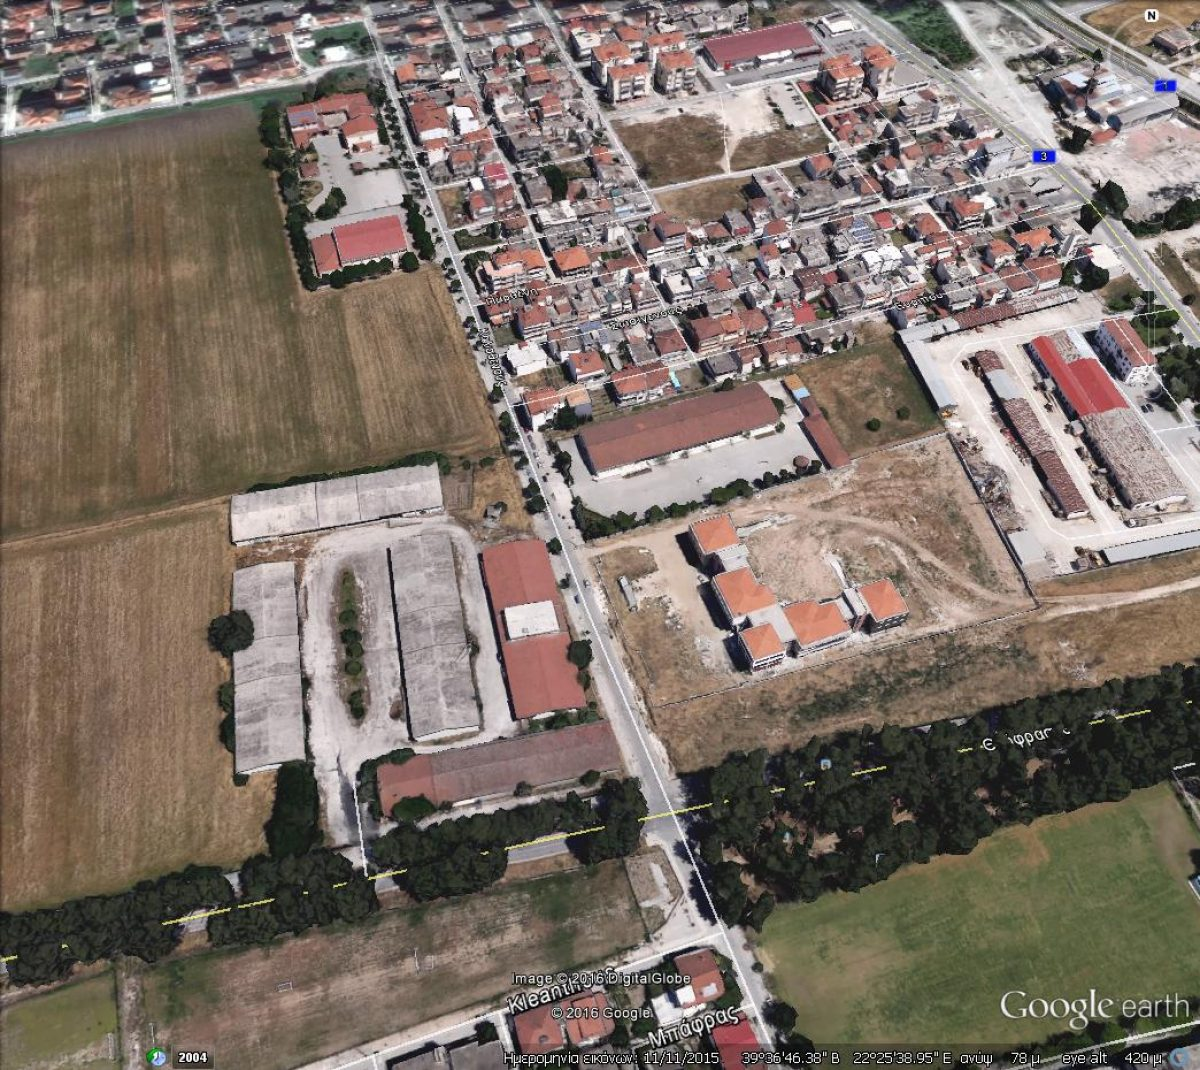 """Αποτελέσματα Αρχιτεκτονικού Διαγωνισμού Ιδεών με θέμα """"Διαμόρφωση έκτασης ΕΘΙΑΓΕ στη Λάρισα"""""""